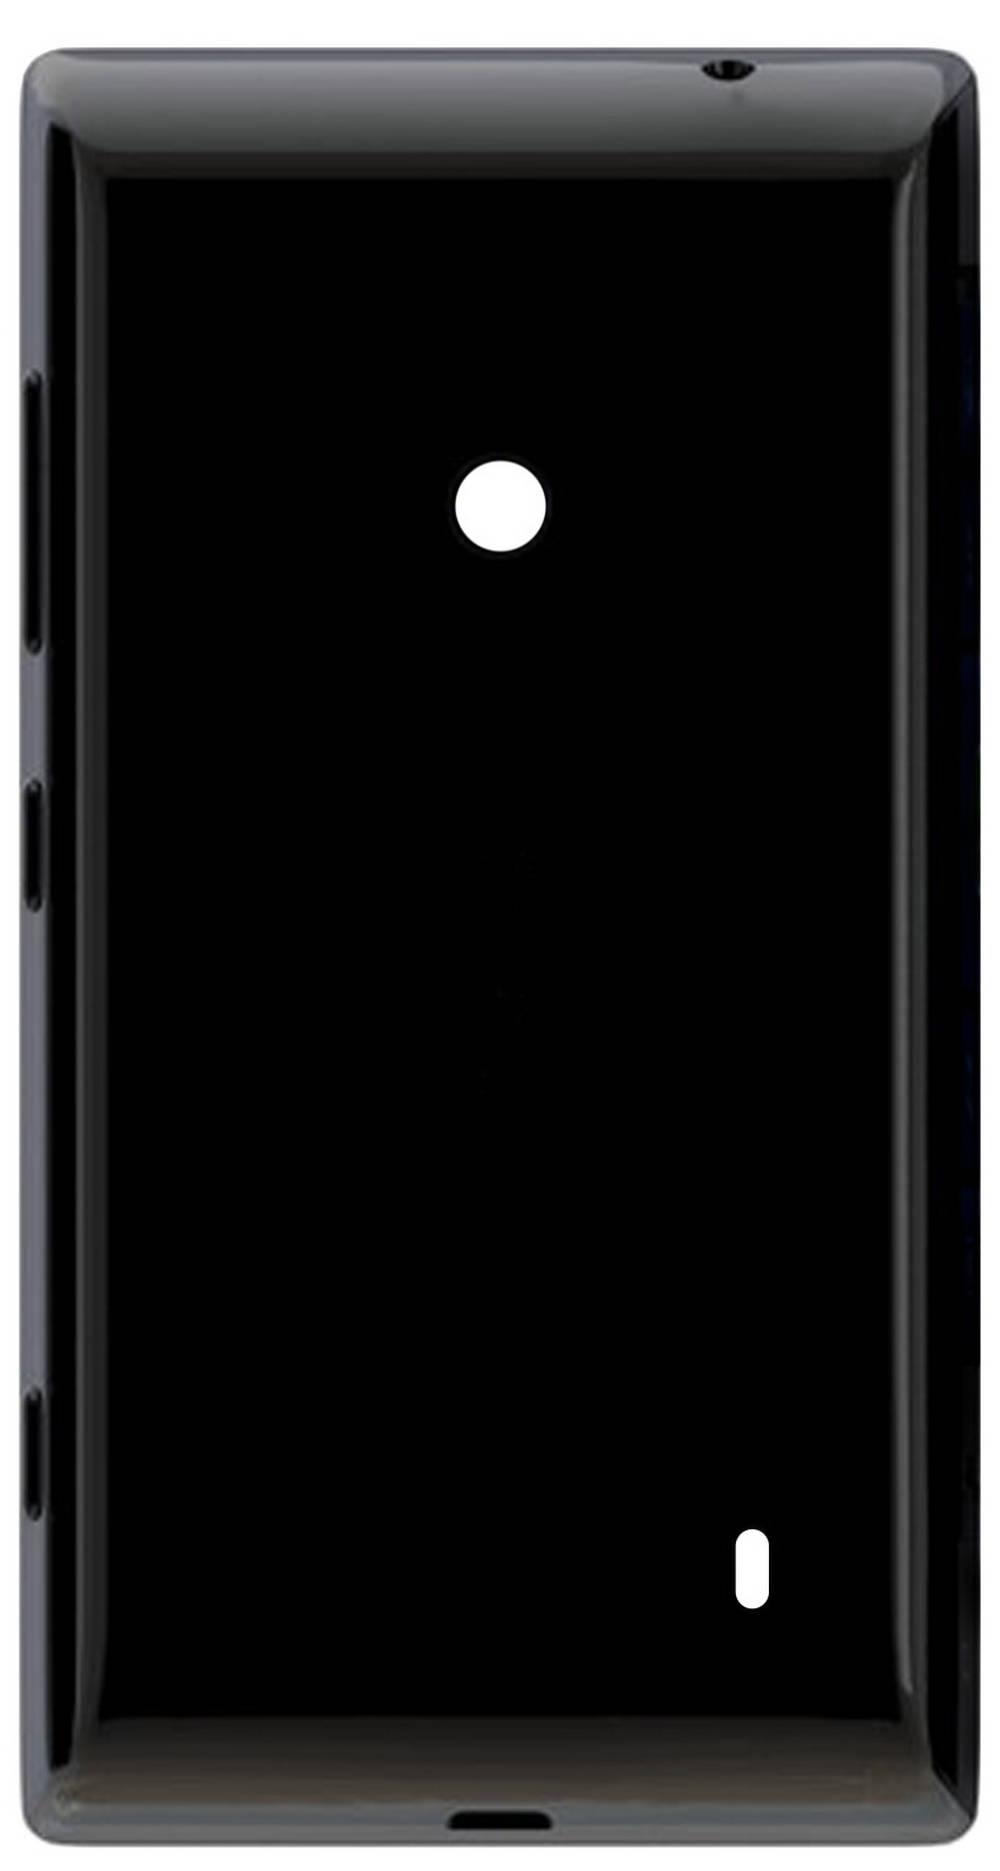 Καπάκι Μπαταρίας Nokia Lumia 520/525 Μαύρο Swap με Εξωτερικά Πλαϊνά Πλήκτρα